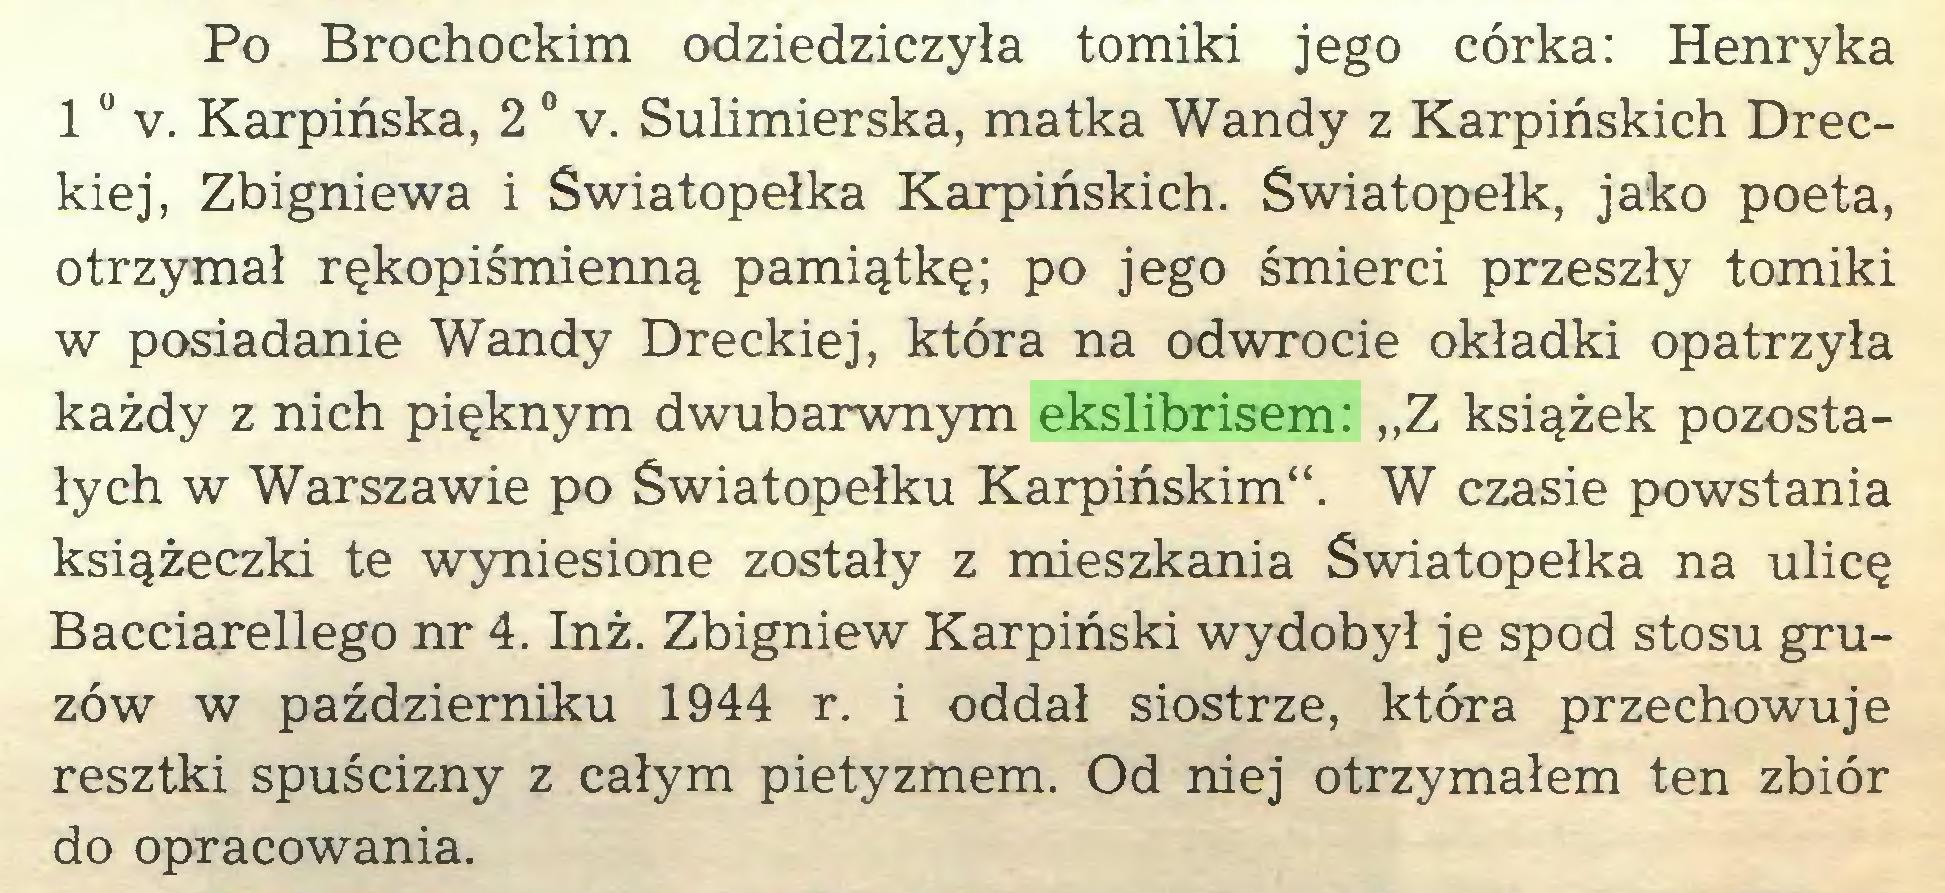 """(...) Po Brochockim odziedziczyła tomiki jego córka: Henryka 10 v. Karpińska, 2 0 v. Sulimierska, matka Wandy z Karpińskich Dreckiej, Zbigniewa i Swiatopełka Karpińskich. Swiatopełk, jako poeta, otrzymał rękopiśmienną pamiątkę; po jego śmierci przeszły tomiki w posiadanie Wandy Dreckiej, która na odwrocie okładki opatrzyła każdy z nich pięknym dwubarwnym ekslibrisem: """"Z książek pozostałych w Warszawie po Swiatopełku Karpińskim"""". W czasie powstania książeczki te wyniesione zostały z mieszkania Swiatopełka na ulicę Bacciarellego nr 4. Inż. Zbigniew Karpiński wydobył je spod stosu gruzów w październiku 1944 r. i oddał siostrze, która przechowuje resztki spuścizny z całym pietyzmem. Od niej otrzymałem ten zbiór do opracowania..."""